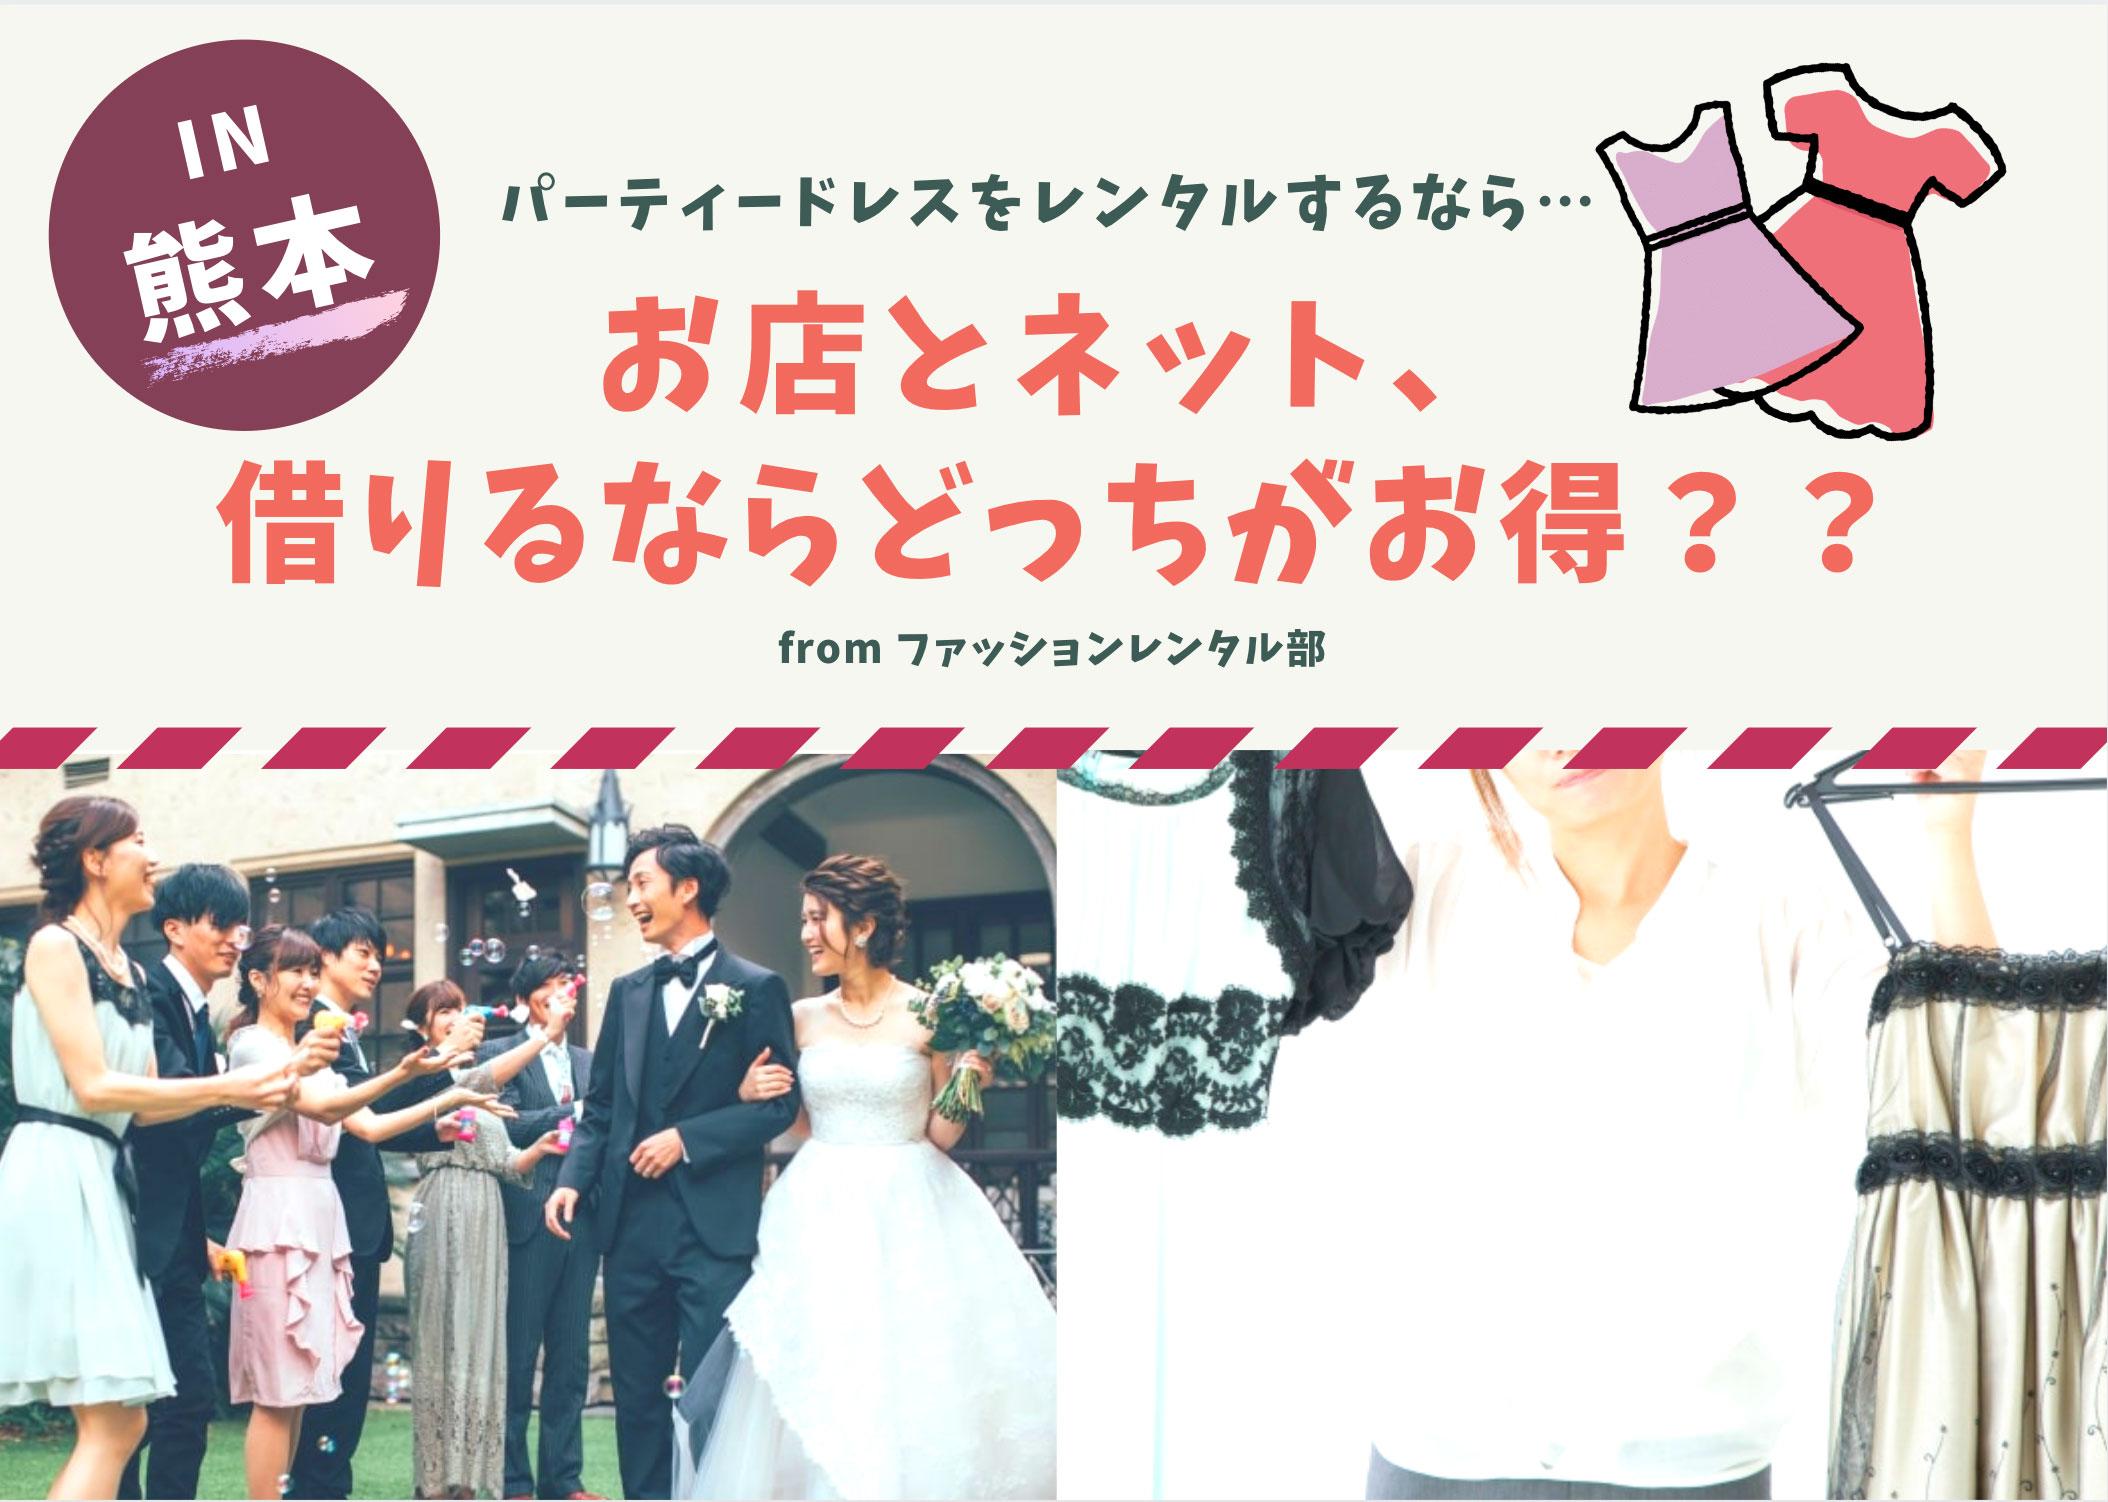 熊本でパーティードレスをレンタルするなら店舗とネットどっちがお得?